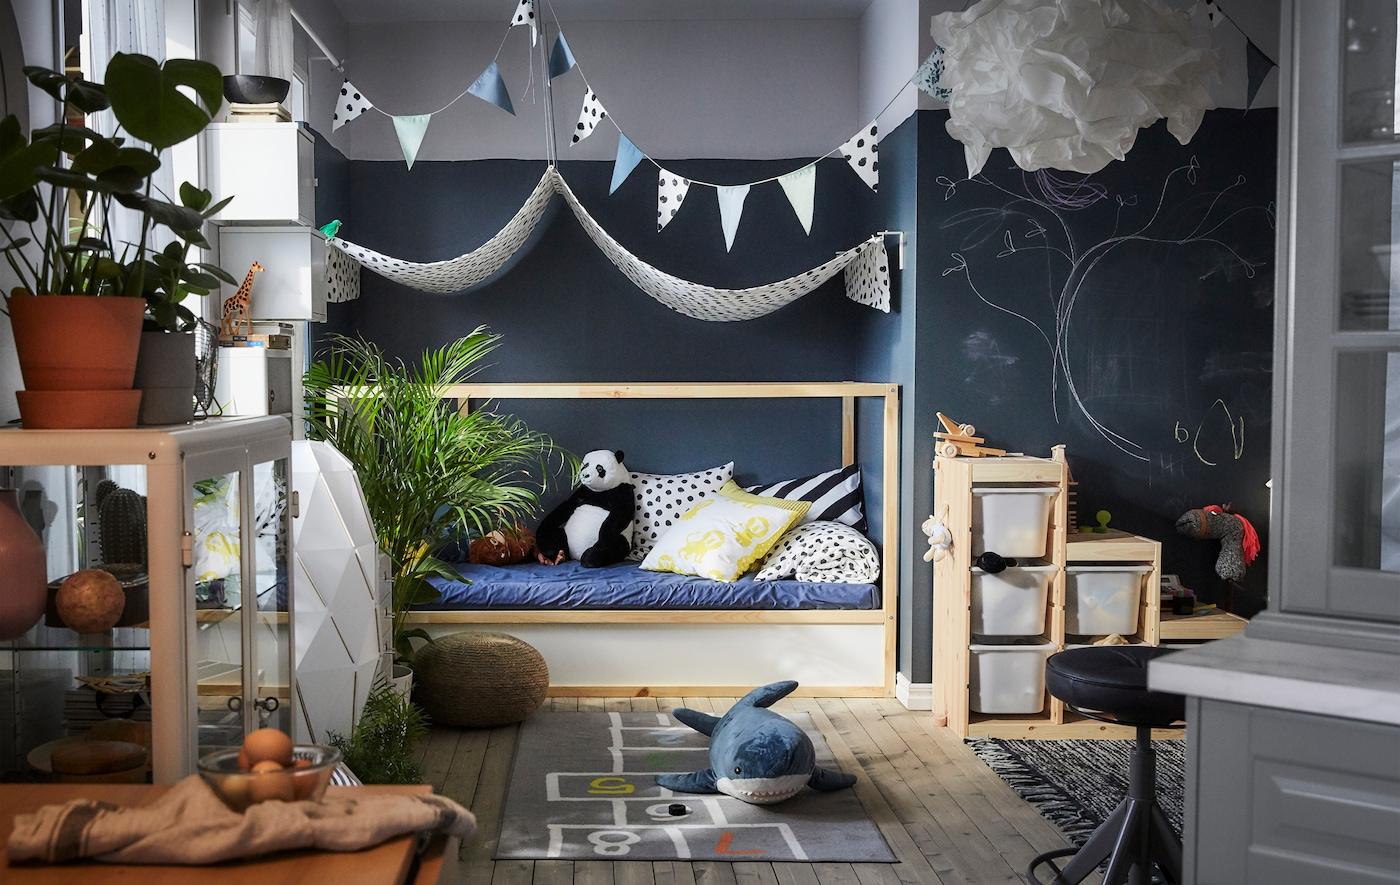 Miejsce do zabawy z baldachimem z tkaniny nad leżanką z pluszakami, wzorzystym dywanem i pudełkami do przechowywania.